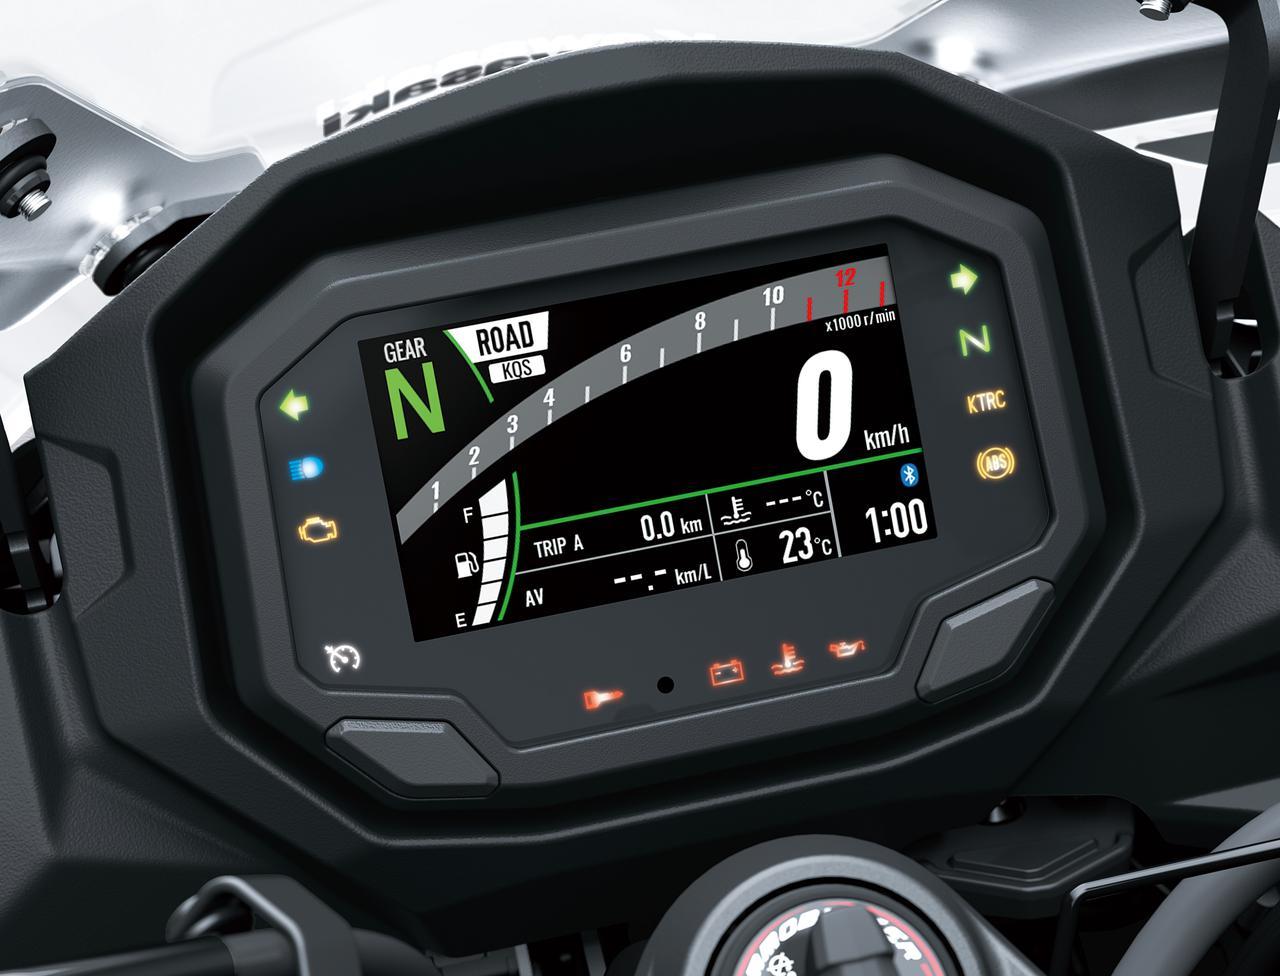 Images : 17番目の画像 - Ninja 1000SX(2020)の写真をまとめて見る - webオートバイ